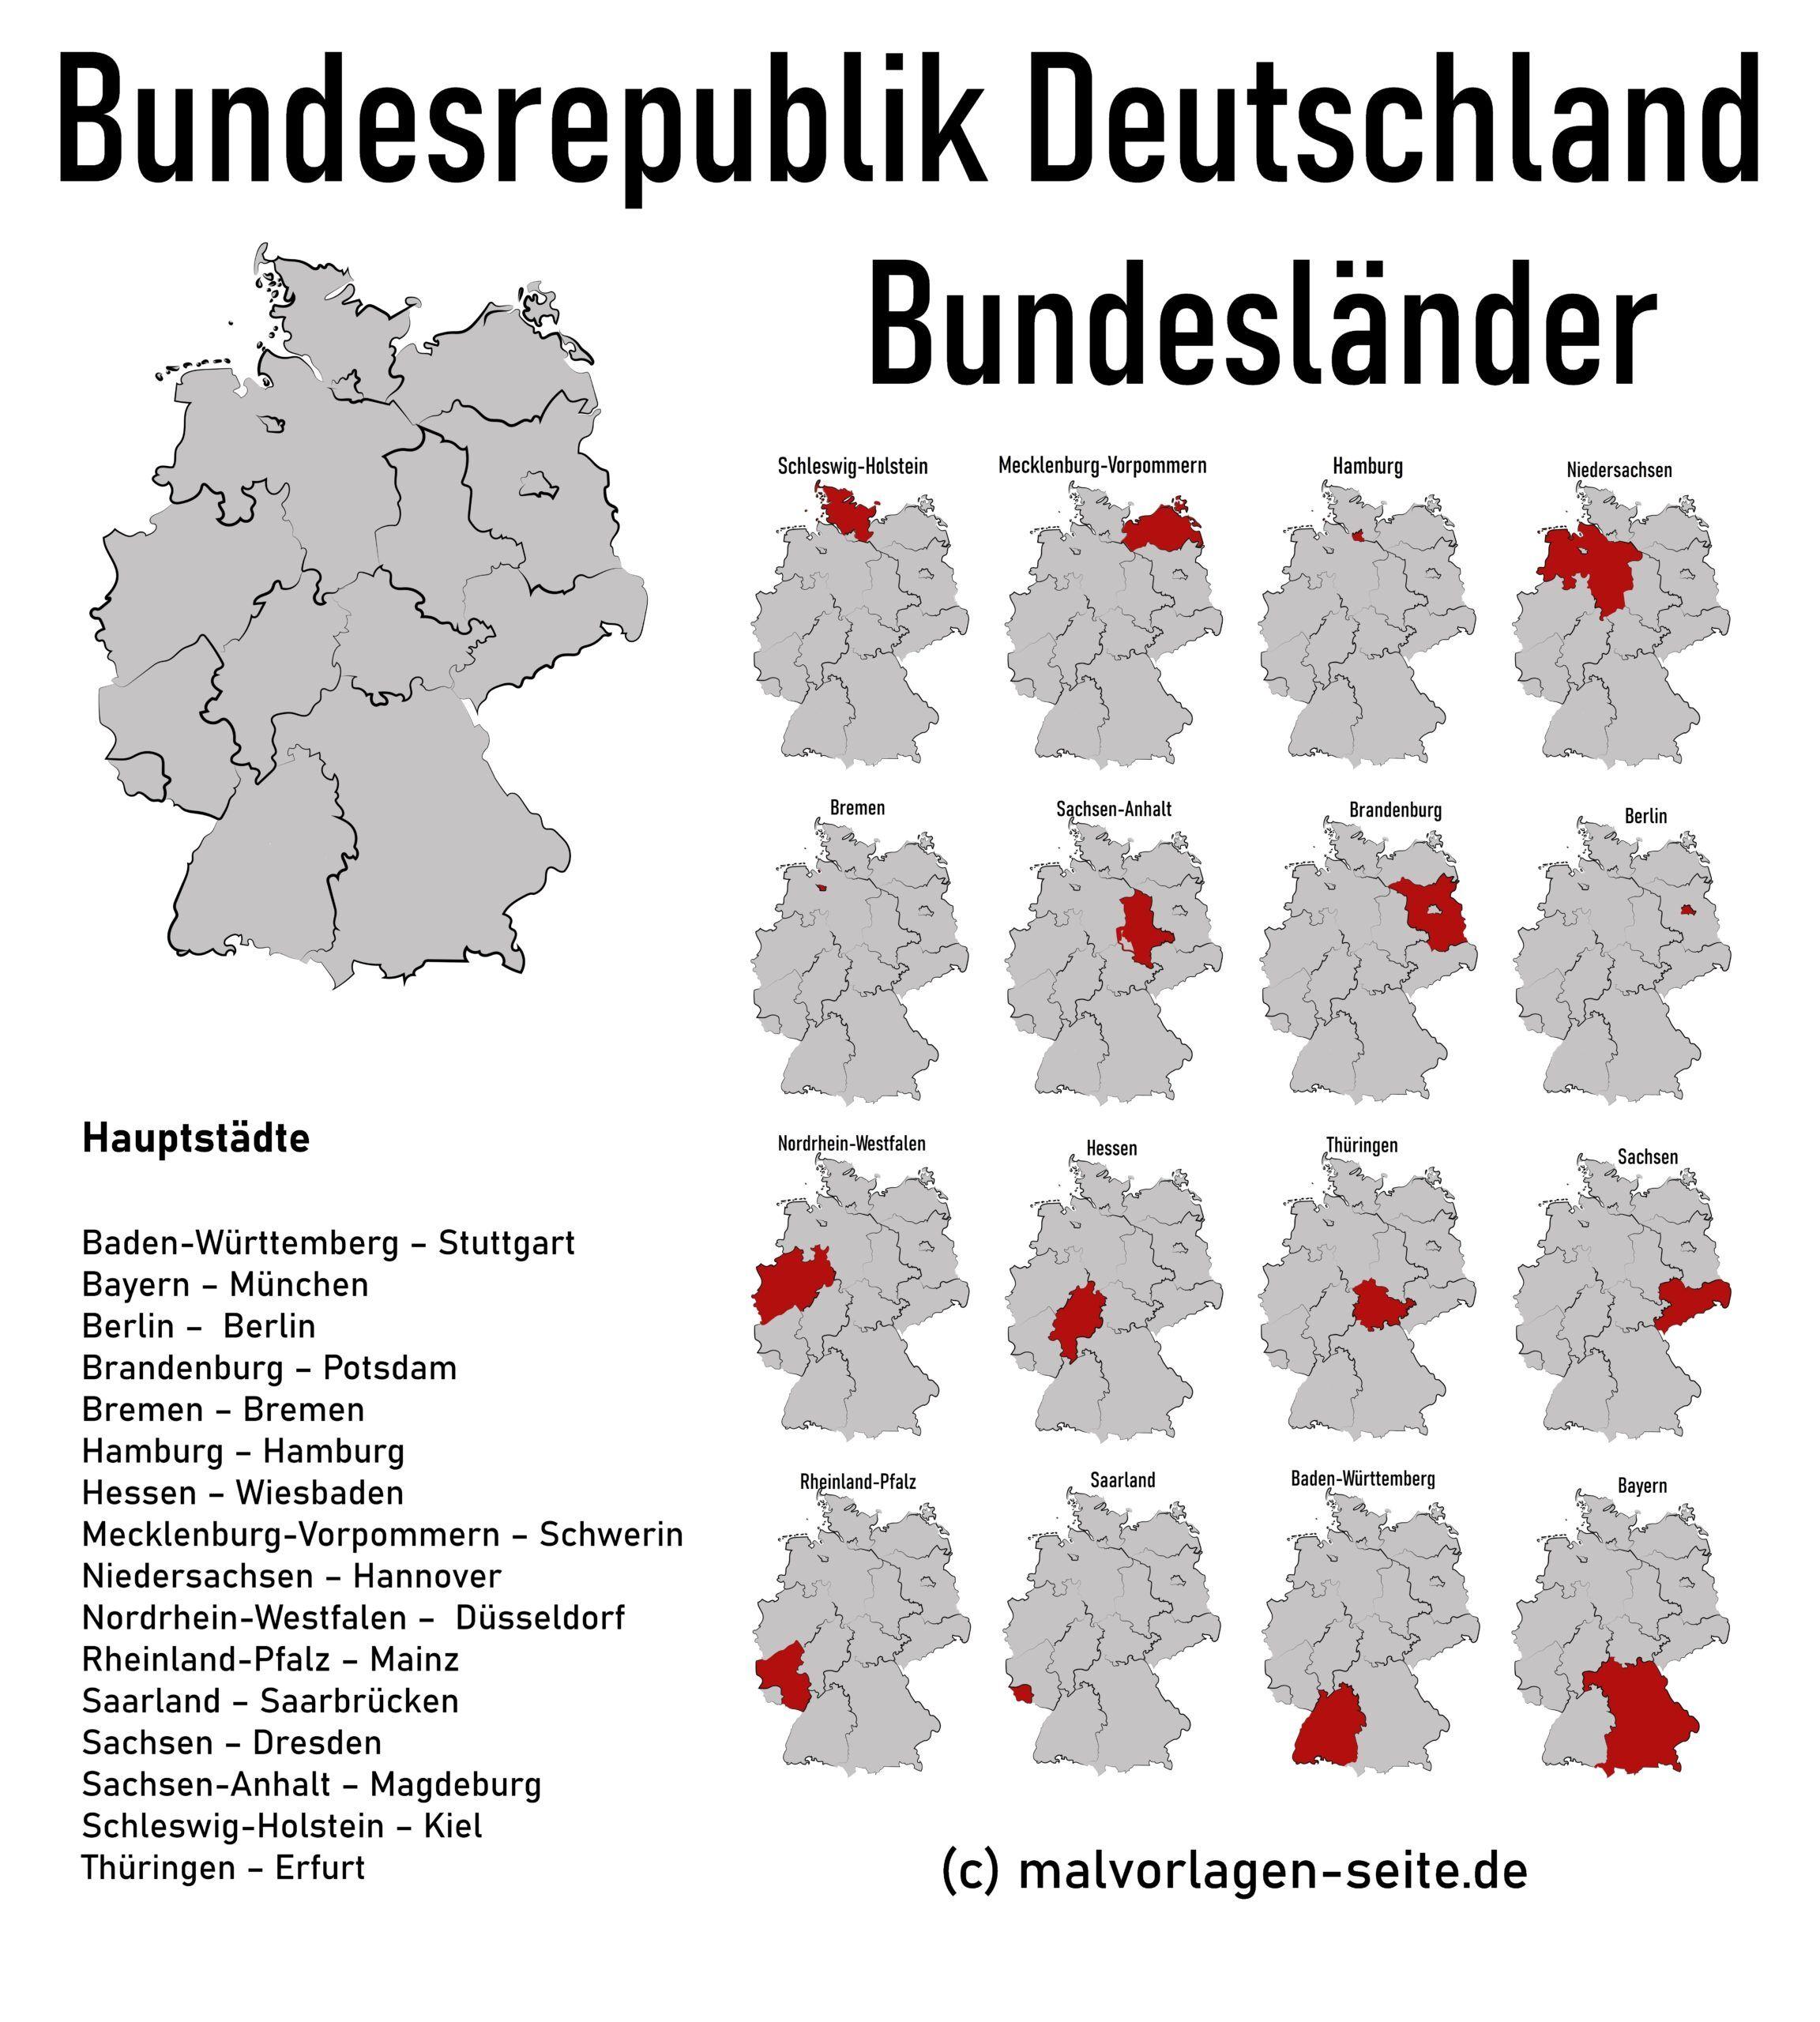 landkarte deutschland bundesländer mit hauptstädten Wie heißen die 16 Bundesländer von Deutschland und ihre Hauptstädte